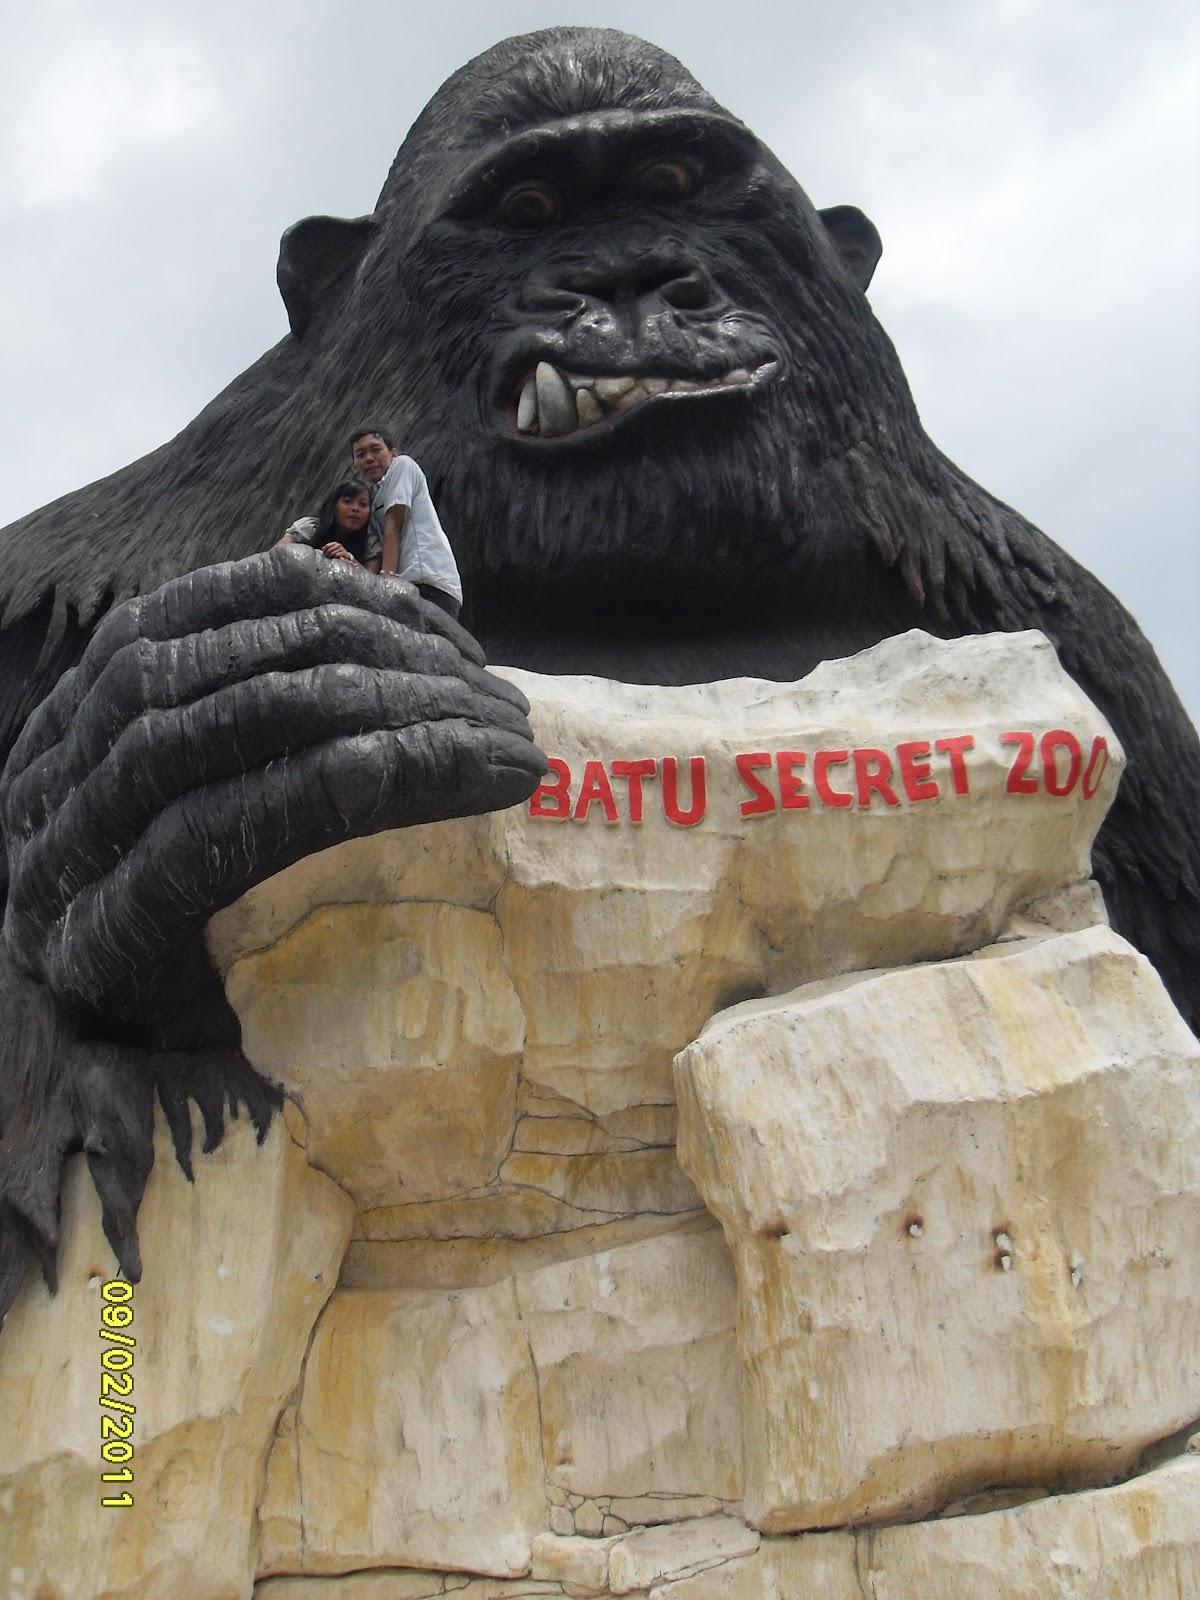 Secret zoo batu malang ospek